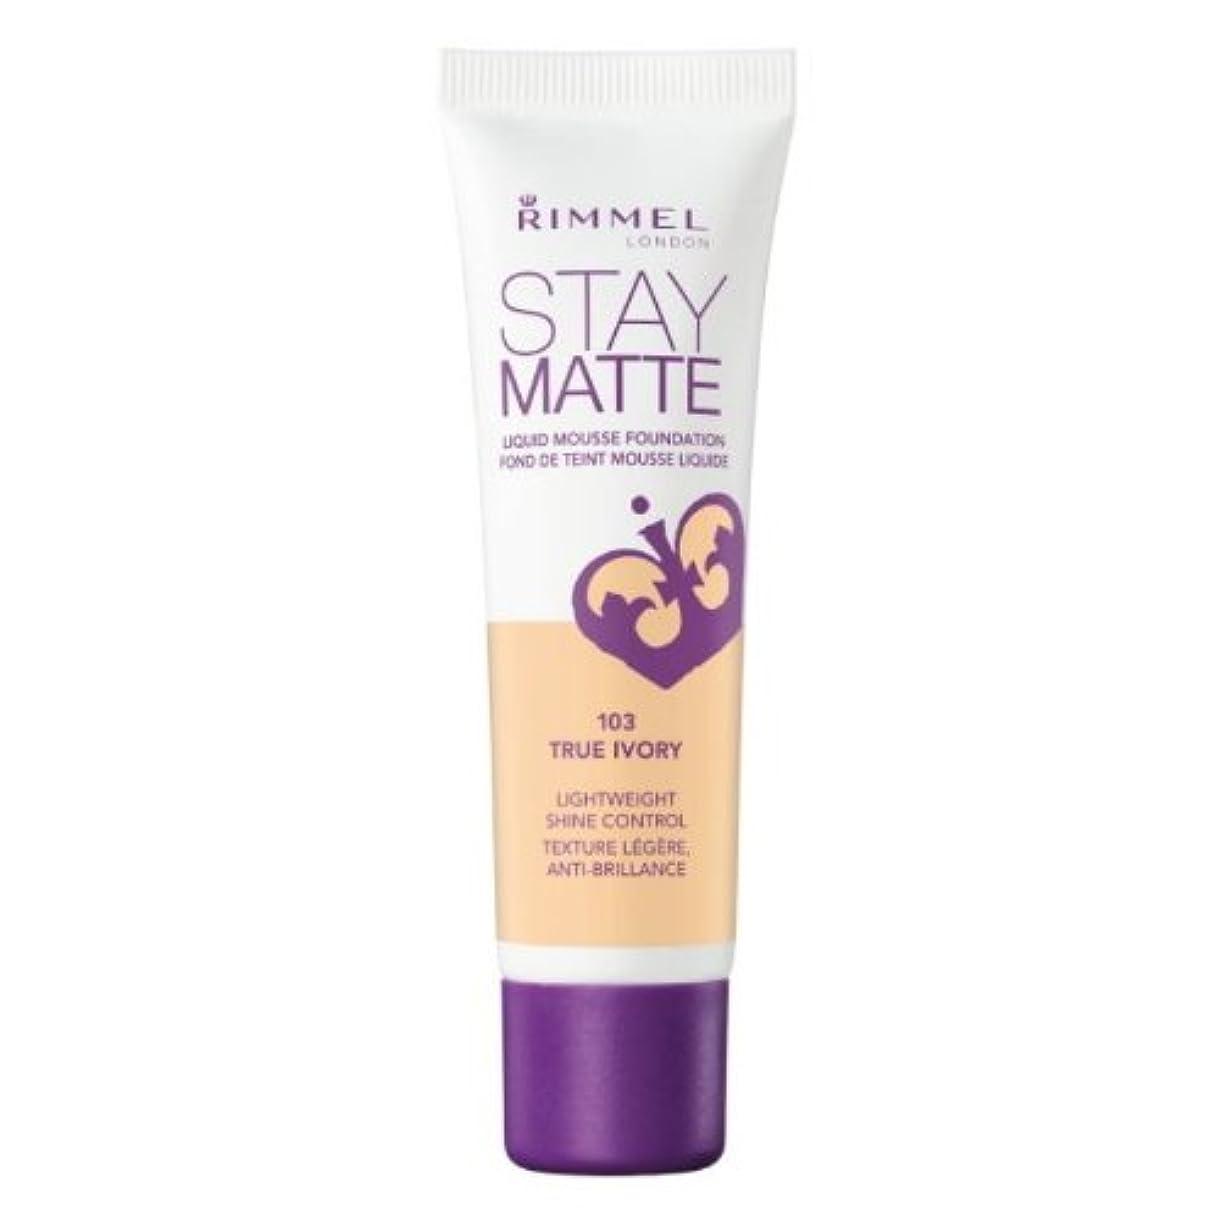 病気目指す地雷原RIMMEL LONDON Stay Matte Liquid Mousse Foundation - True Ivory (並行輸入品)